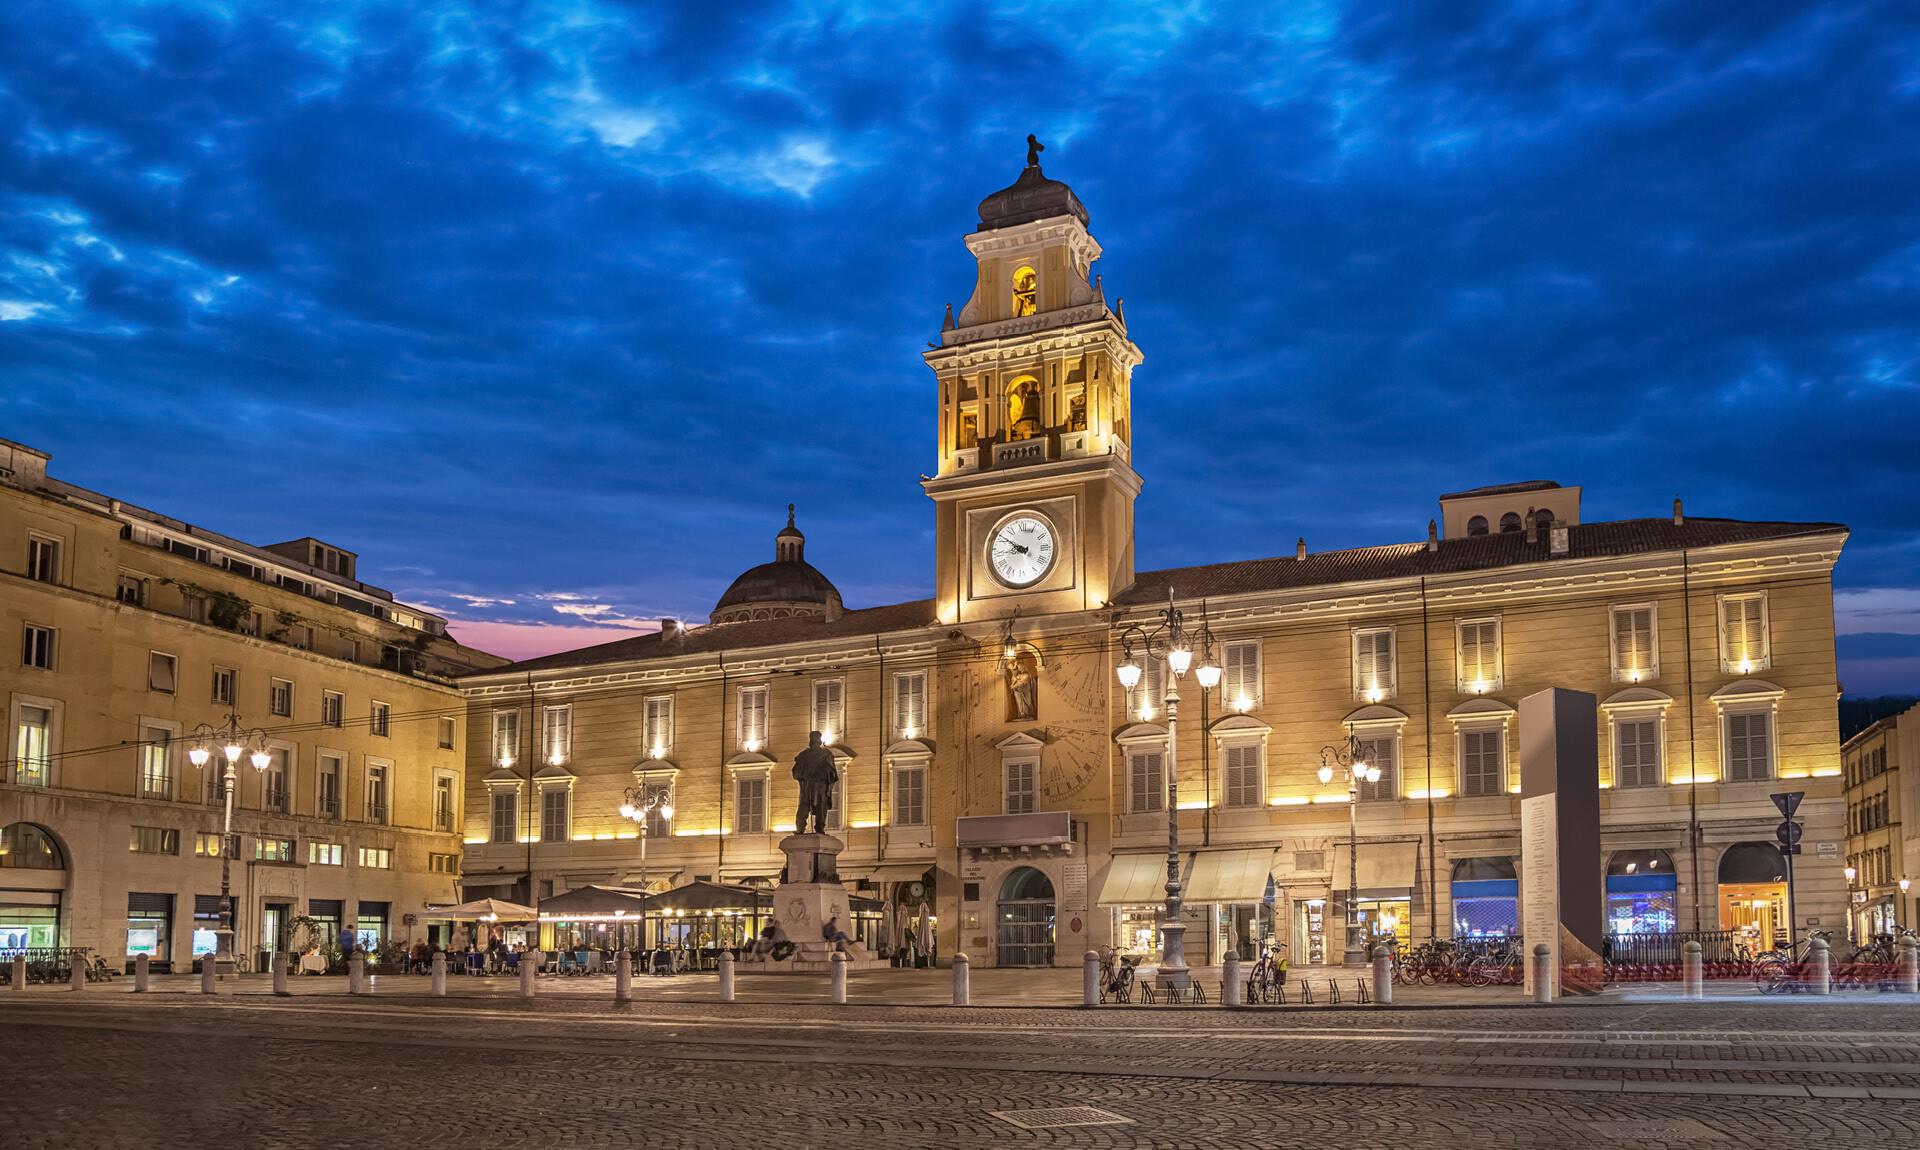 VERDI OFF: 24 ORE D'ARIA  Dalle 24 finestre di Palazzo del Governatore, ogni ora , musica con i Solisti del Conservatorio Arrigo Boito